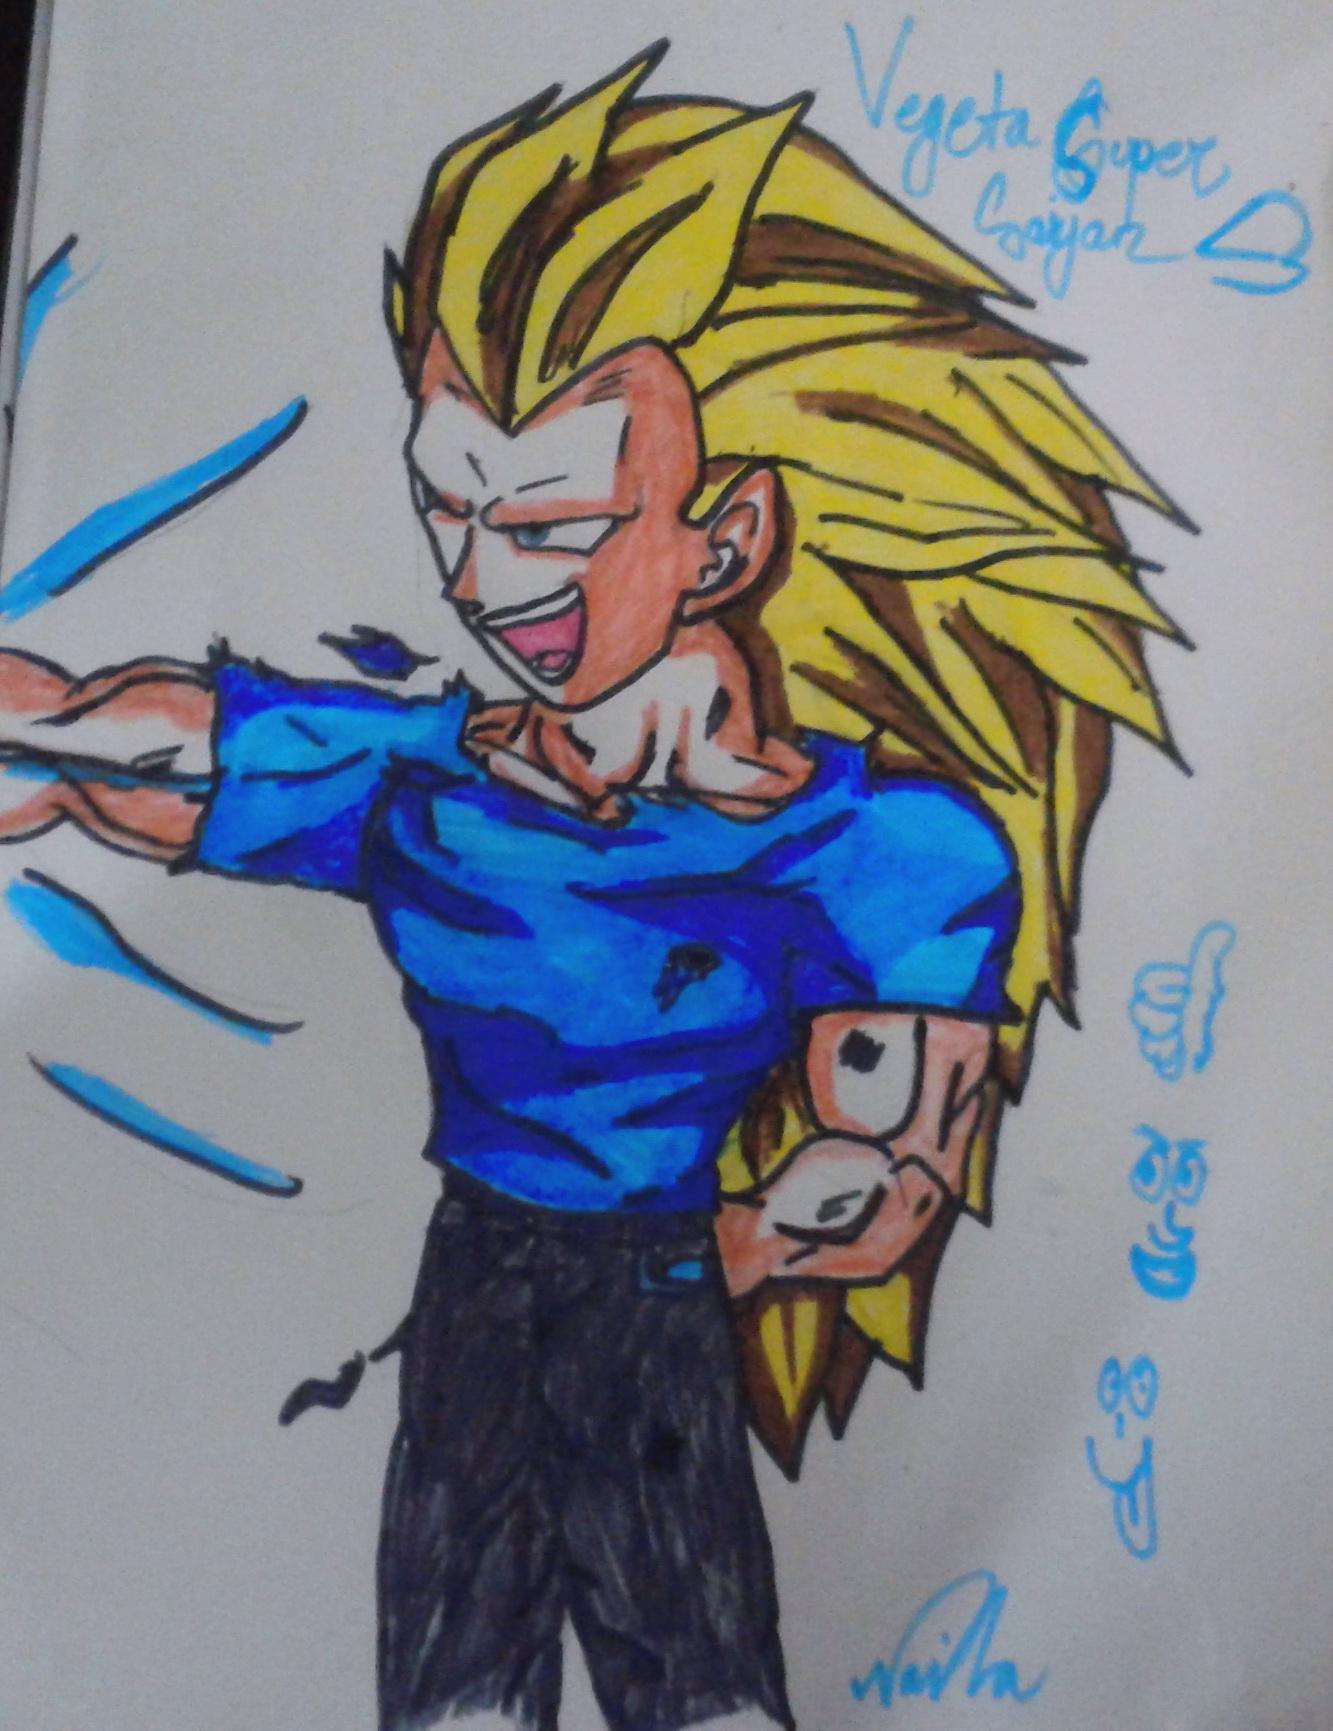 Dragon Ball Z Vegeta Super Saiyan